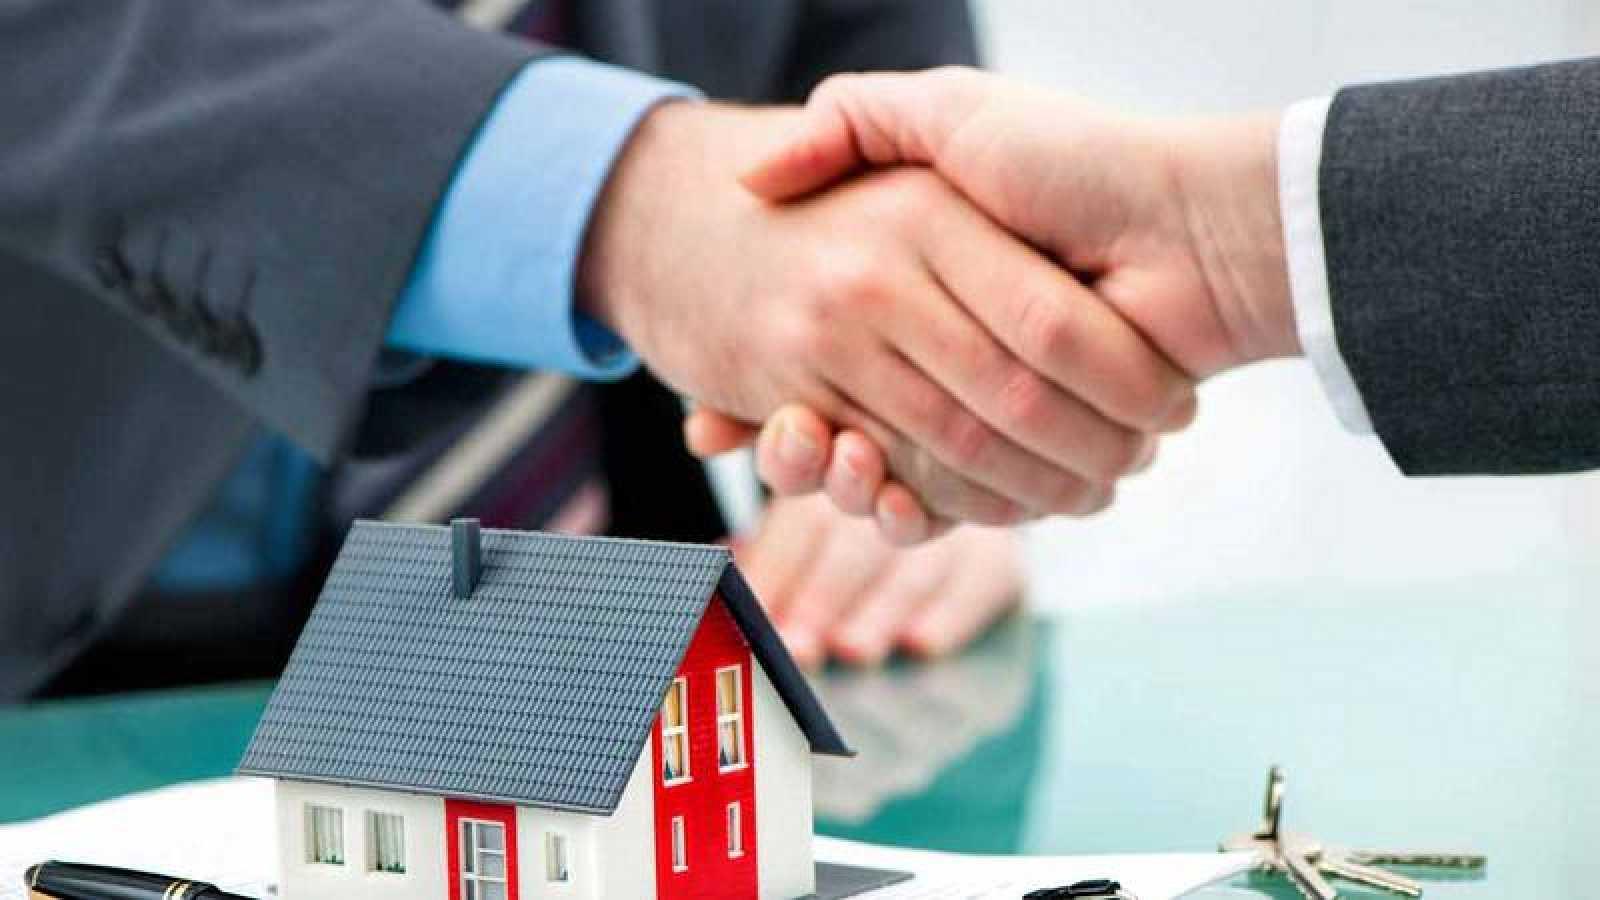 Los costes adicionales a la compra de una vivienda suponen un porcentaje que ronda el 10% del precio de venta